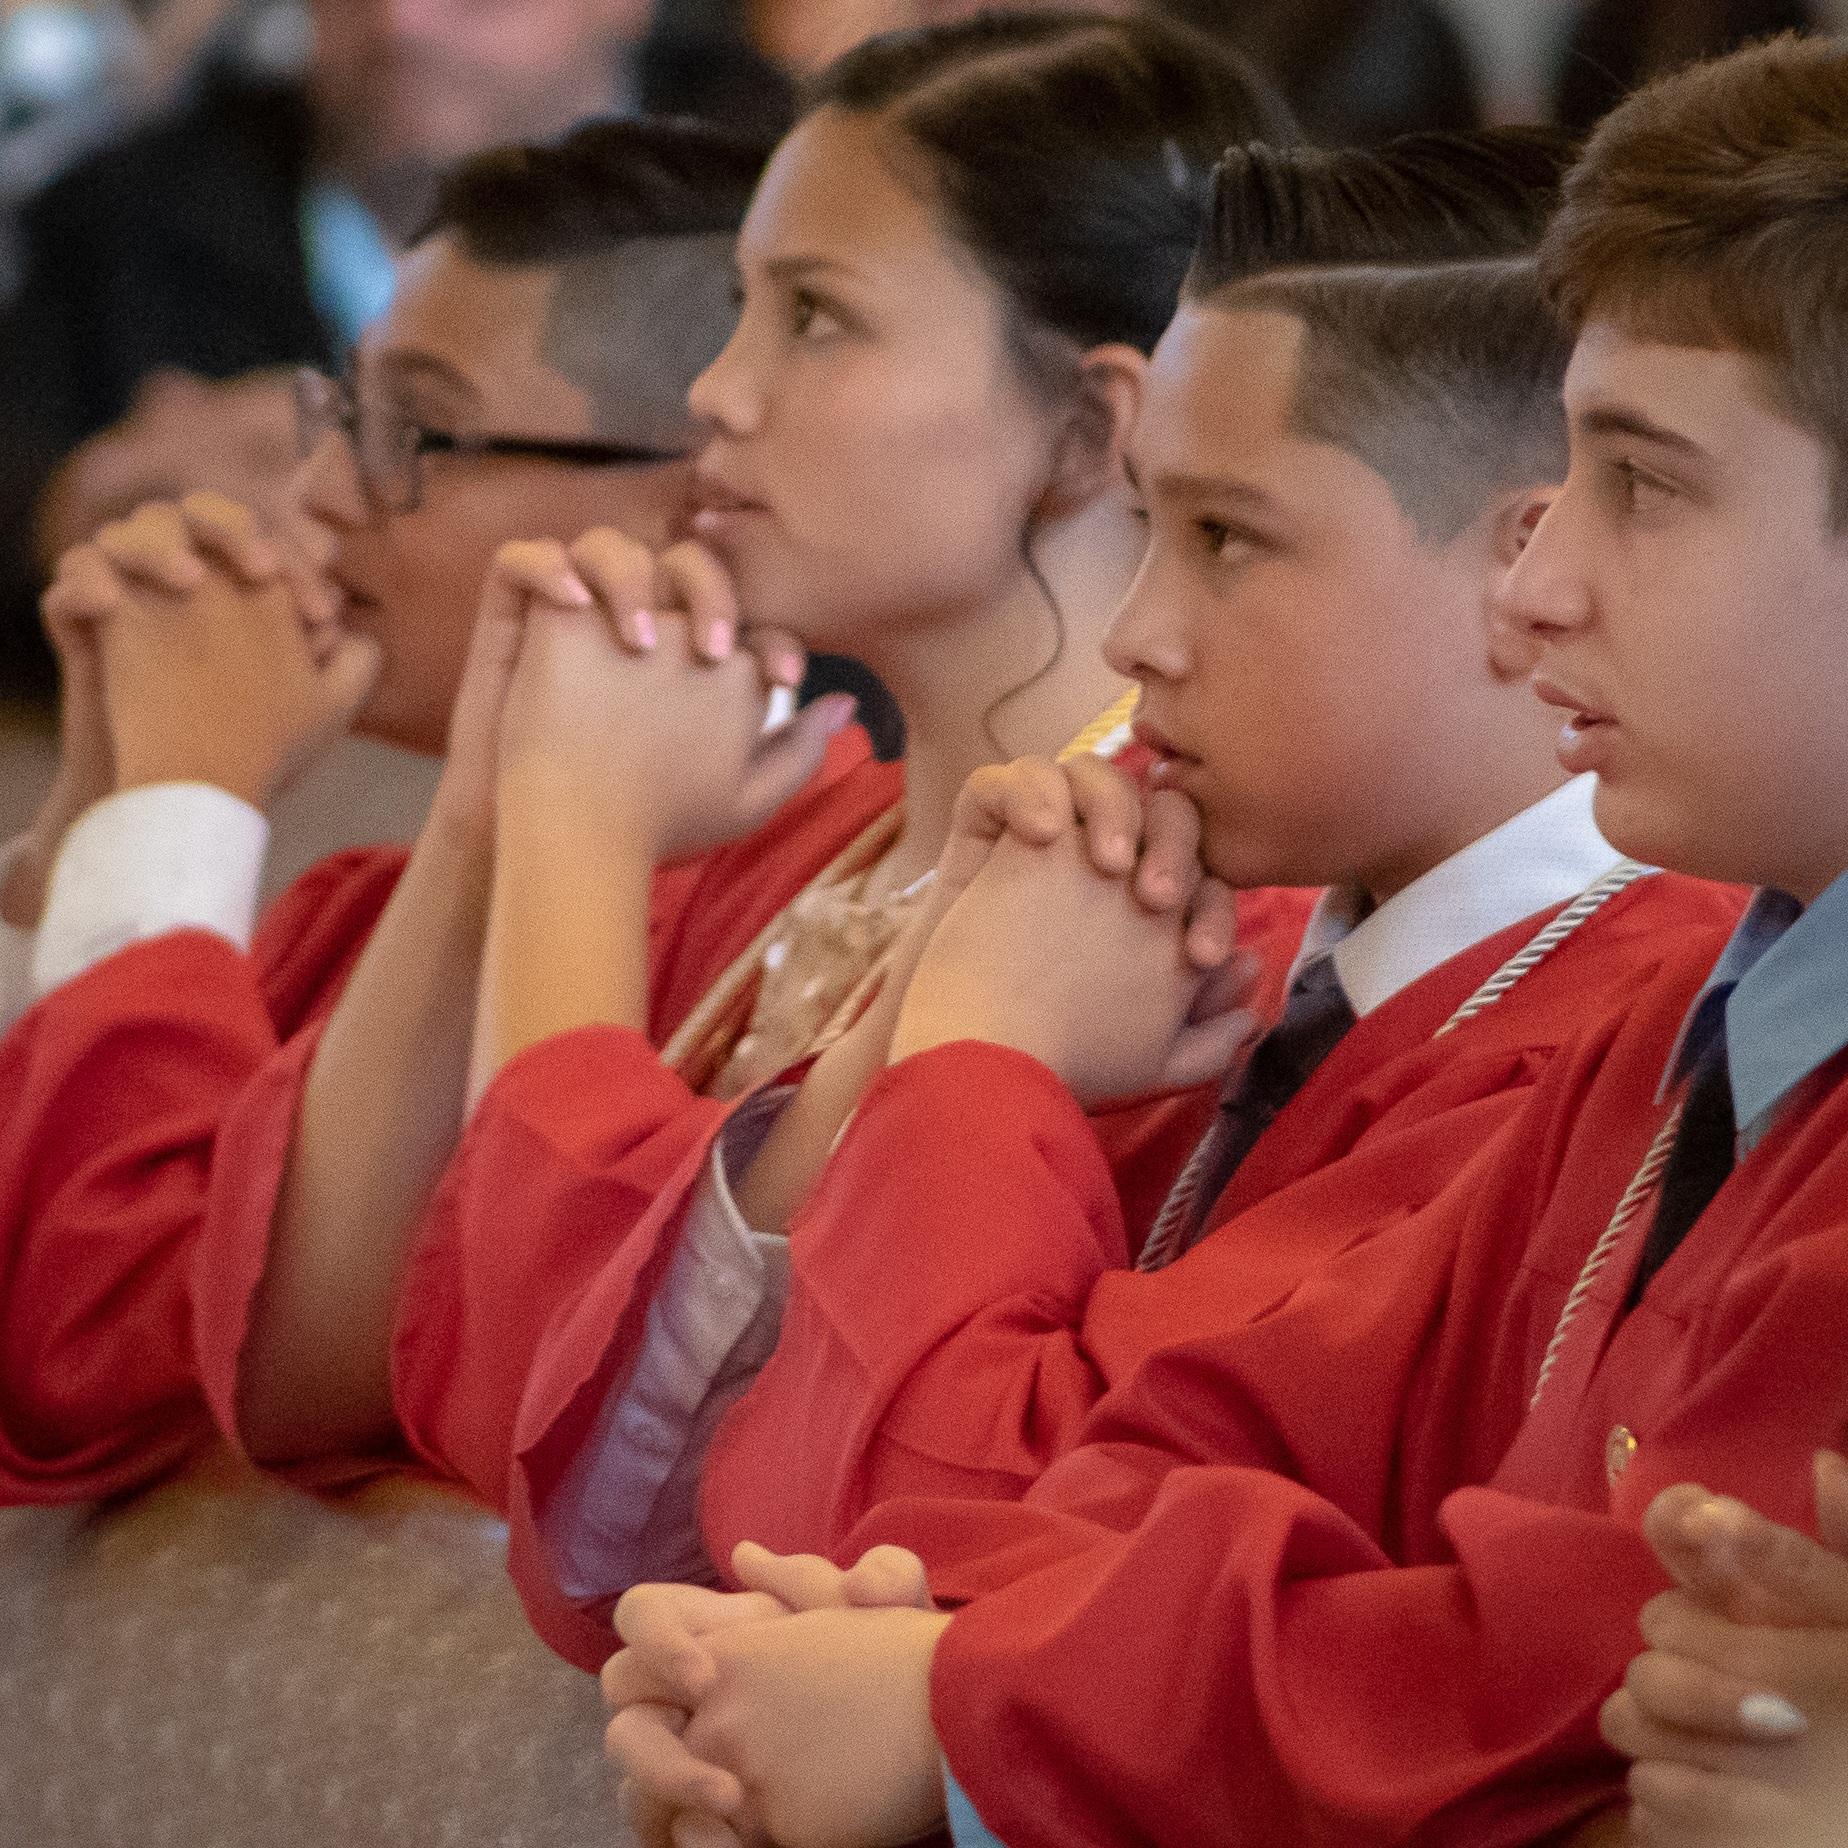 St. Anthony's Catholic School -